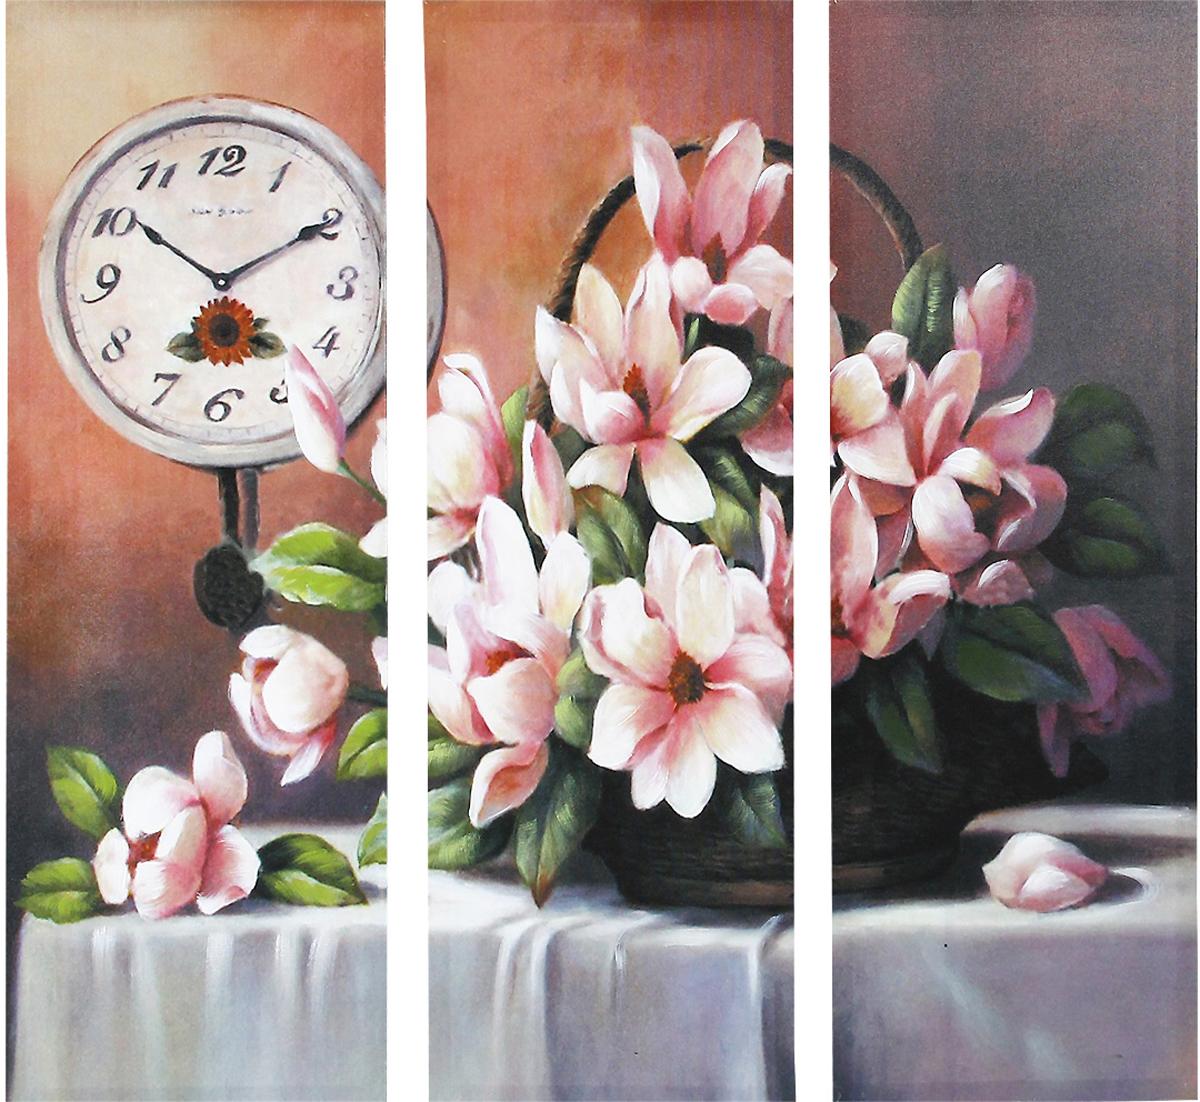 Картина-репродукция без рамки Цветы, 78 х 80 х 2,5 см 3603636036Картина-репродукция без рамки Цветы выполнена из натуральной древесины. Техника выполнения - масляная печать на холсте с ручной подрисовкой. Картина состоит из трех частей с красочным изображением букета цветов.Такая картина - вдохновляющее декоративное решение, привносящее в интерьер нотки творчества и изысканности!Благодаря оригинальному дизайну картина дополнит интерьер любого помещения, а также сможет стать изысканным подарком для ваших друзей и близких.